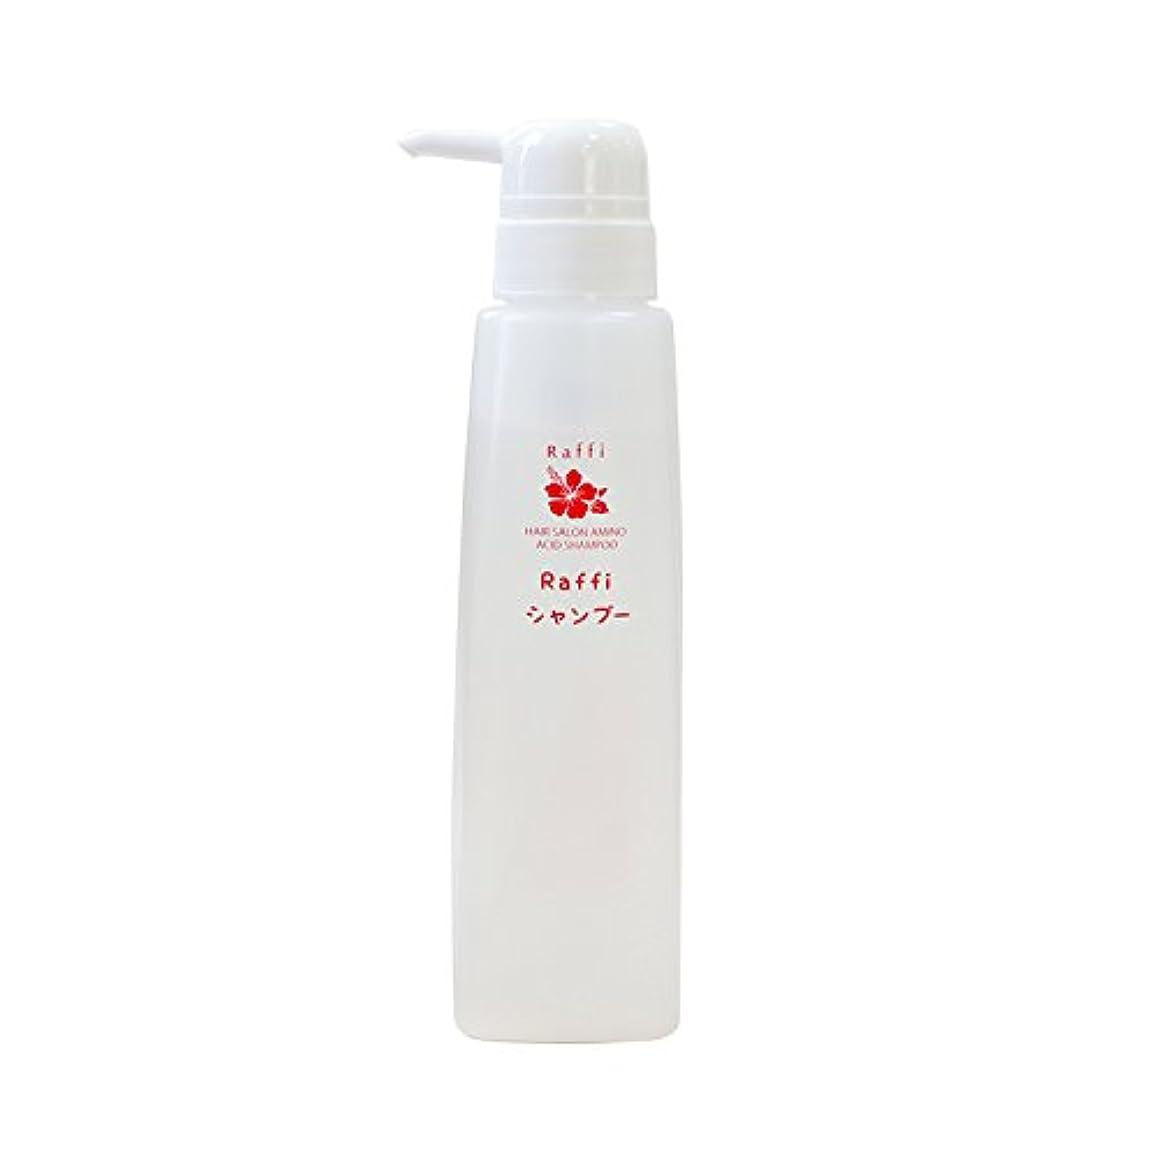 皮枯渇フルーティーRaffiシャンプー(ラフィーシャンプー)300mlボトル [ノンシリコン アミノ酸 無添加 低刺激]